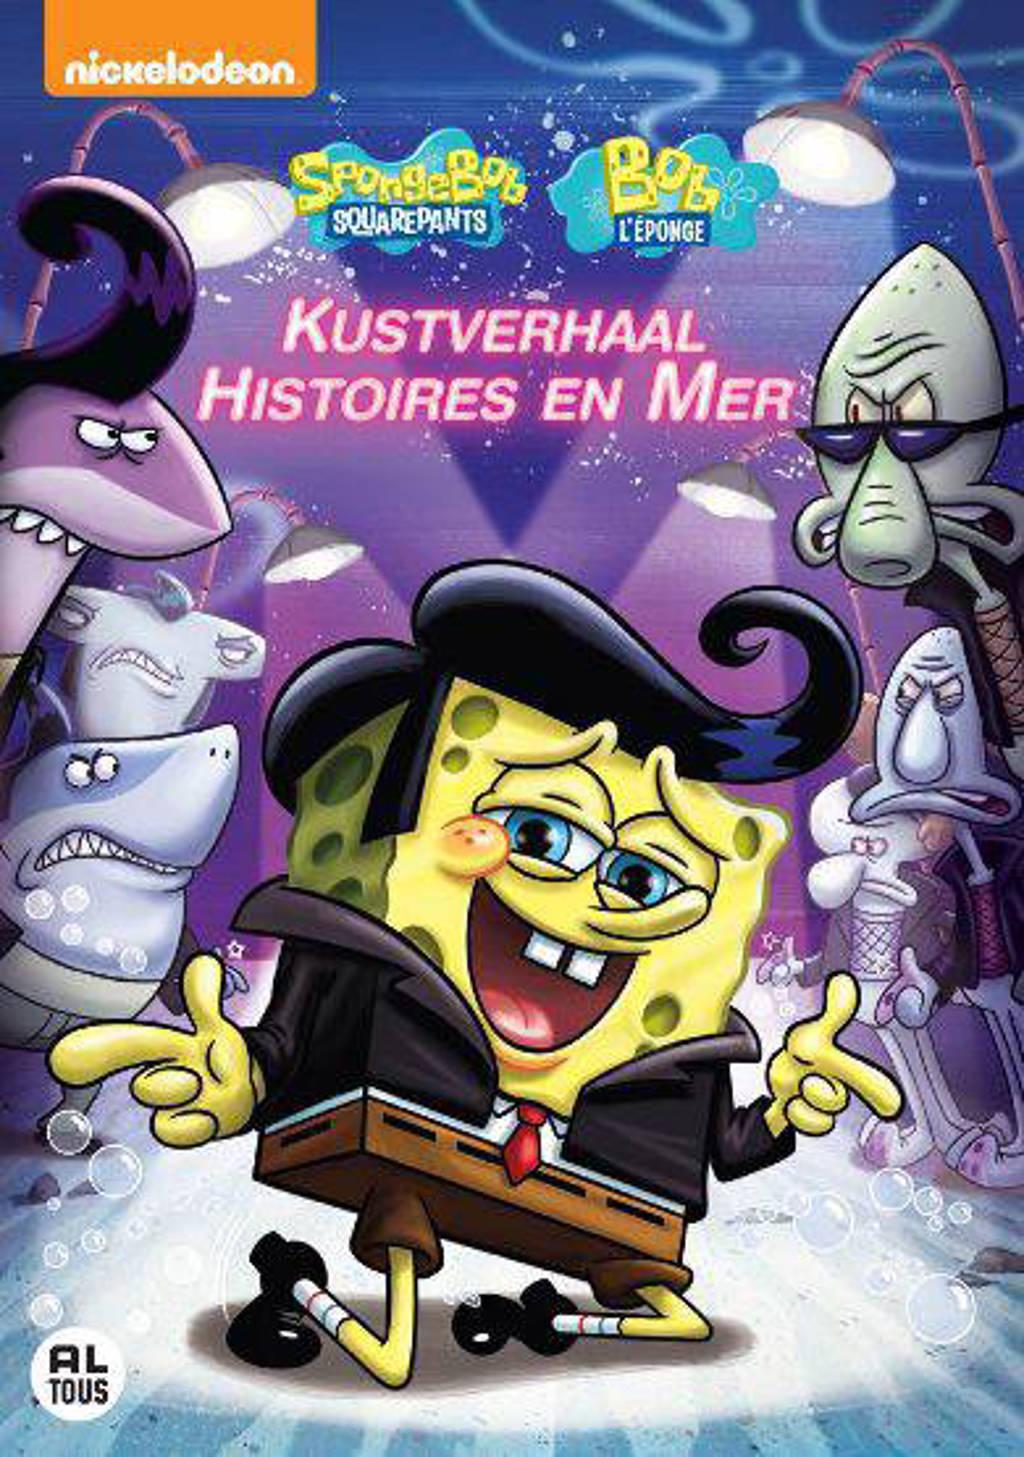 Spongebob - Kustverhaal (DVD)